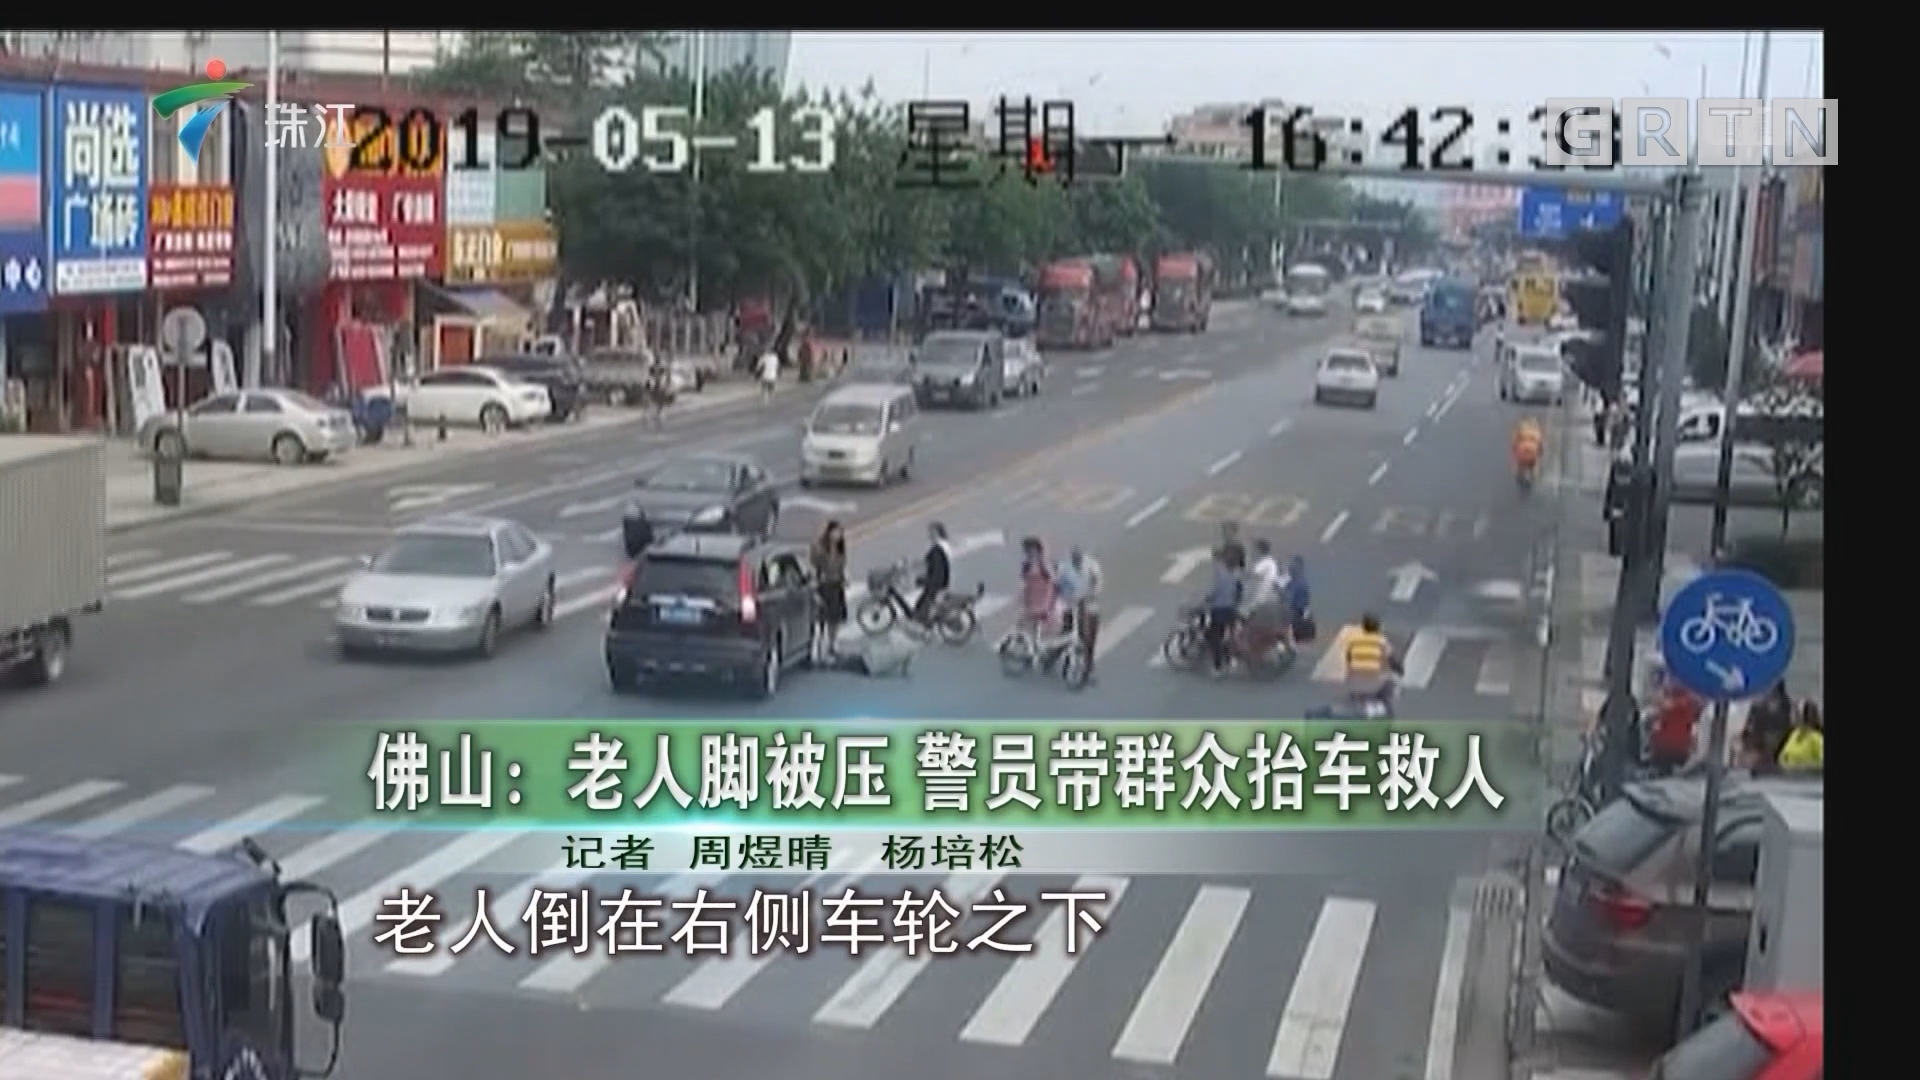 佛山:老人脚被压 警员带群众抬车救人